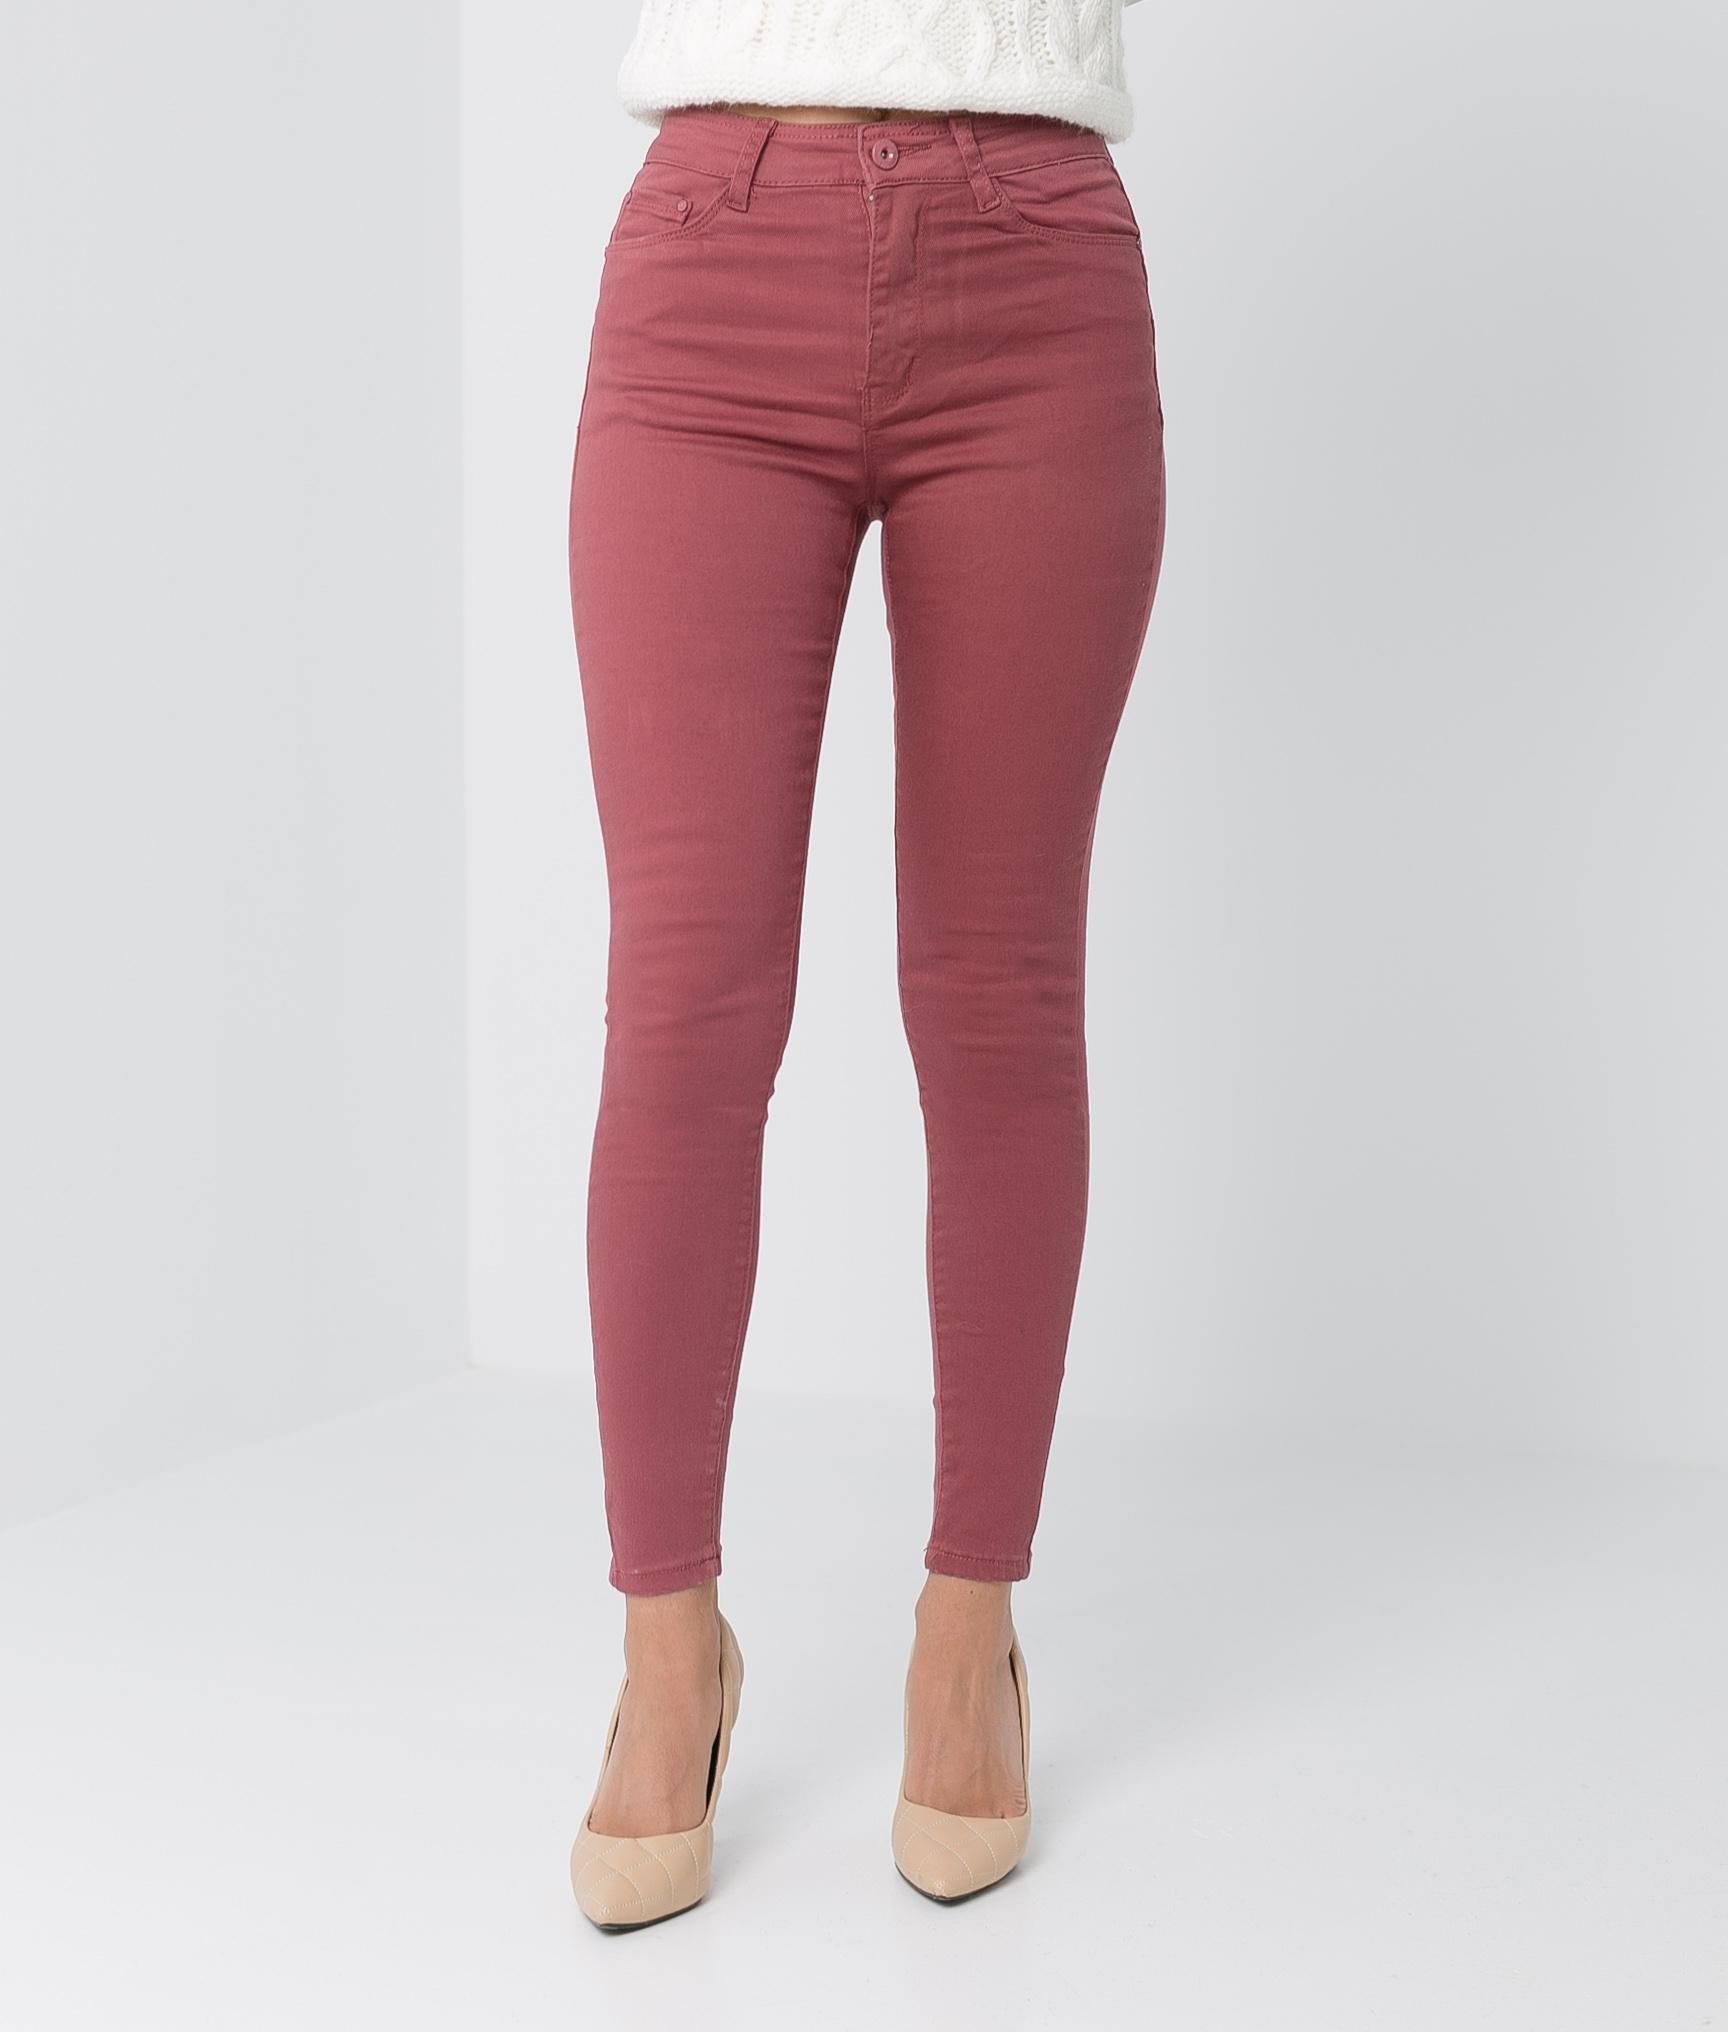 Pantaloni Glater - Granato